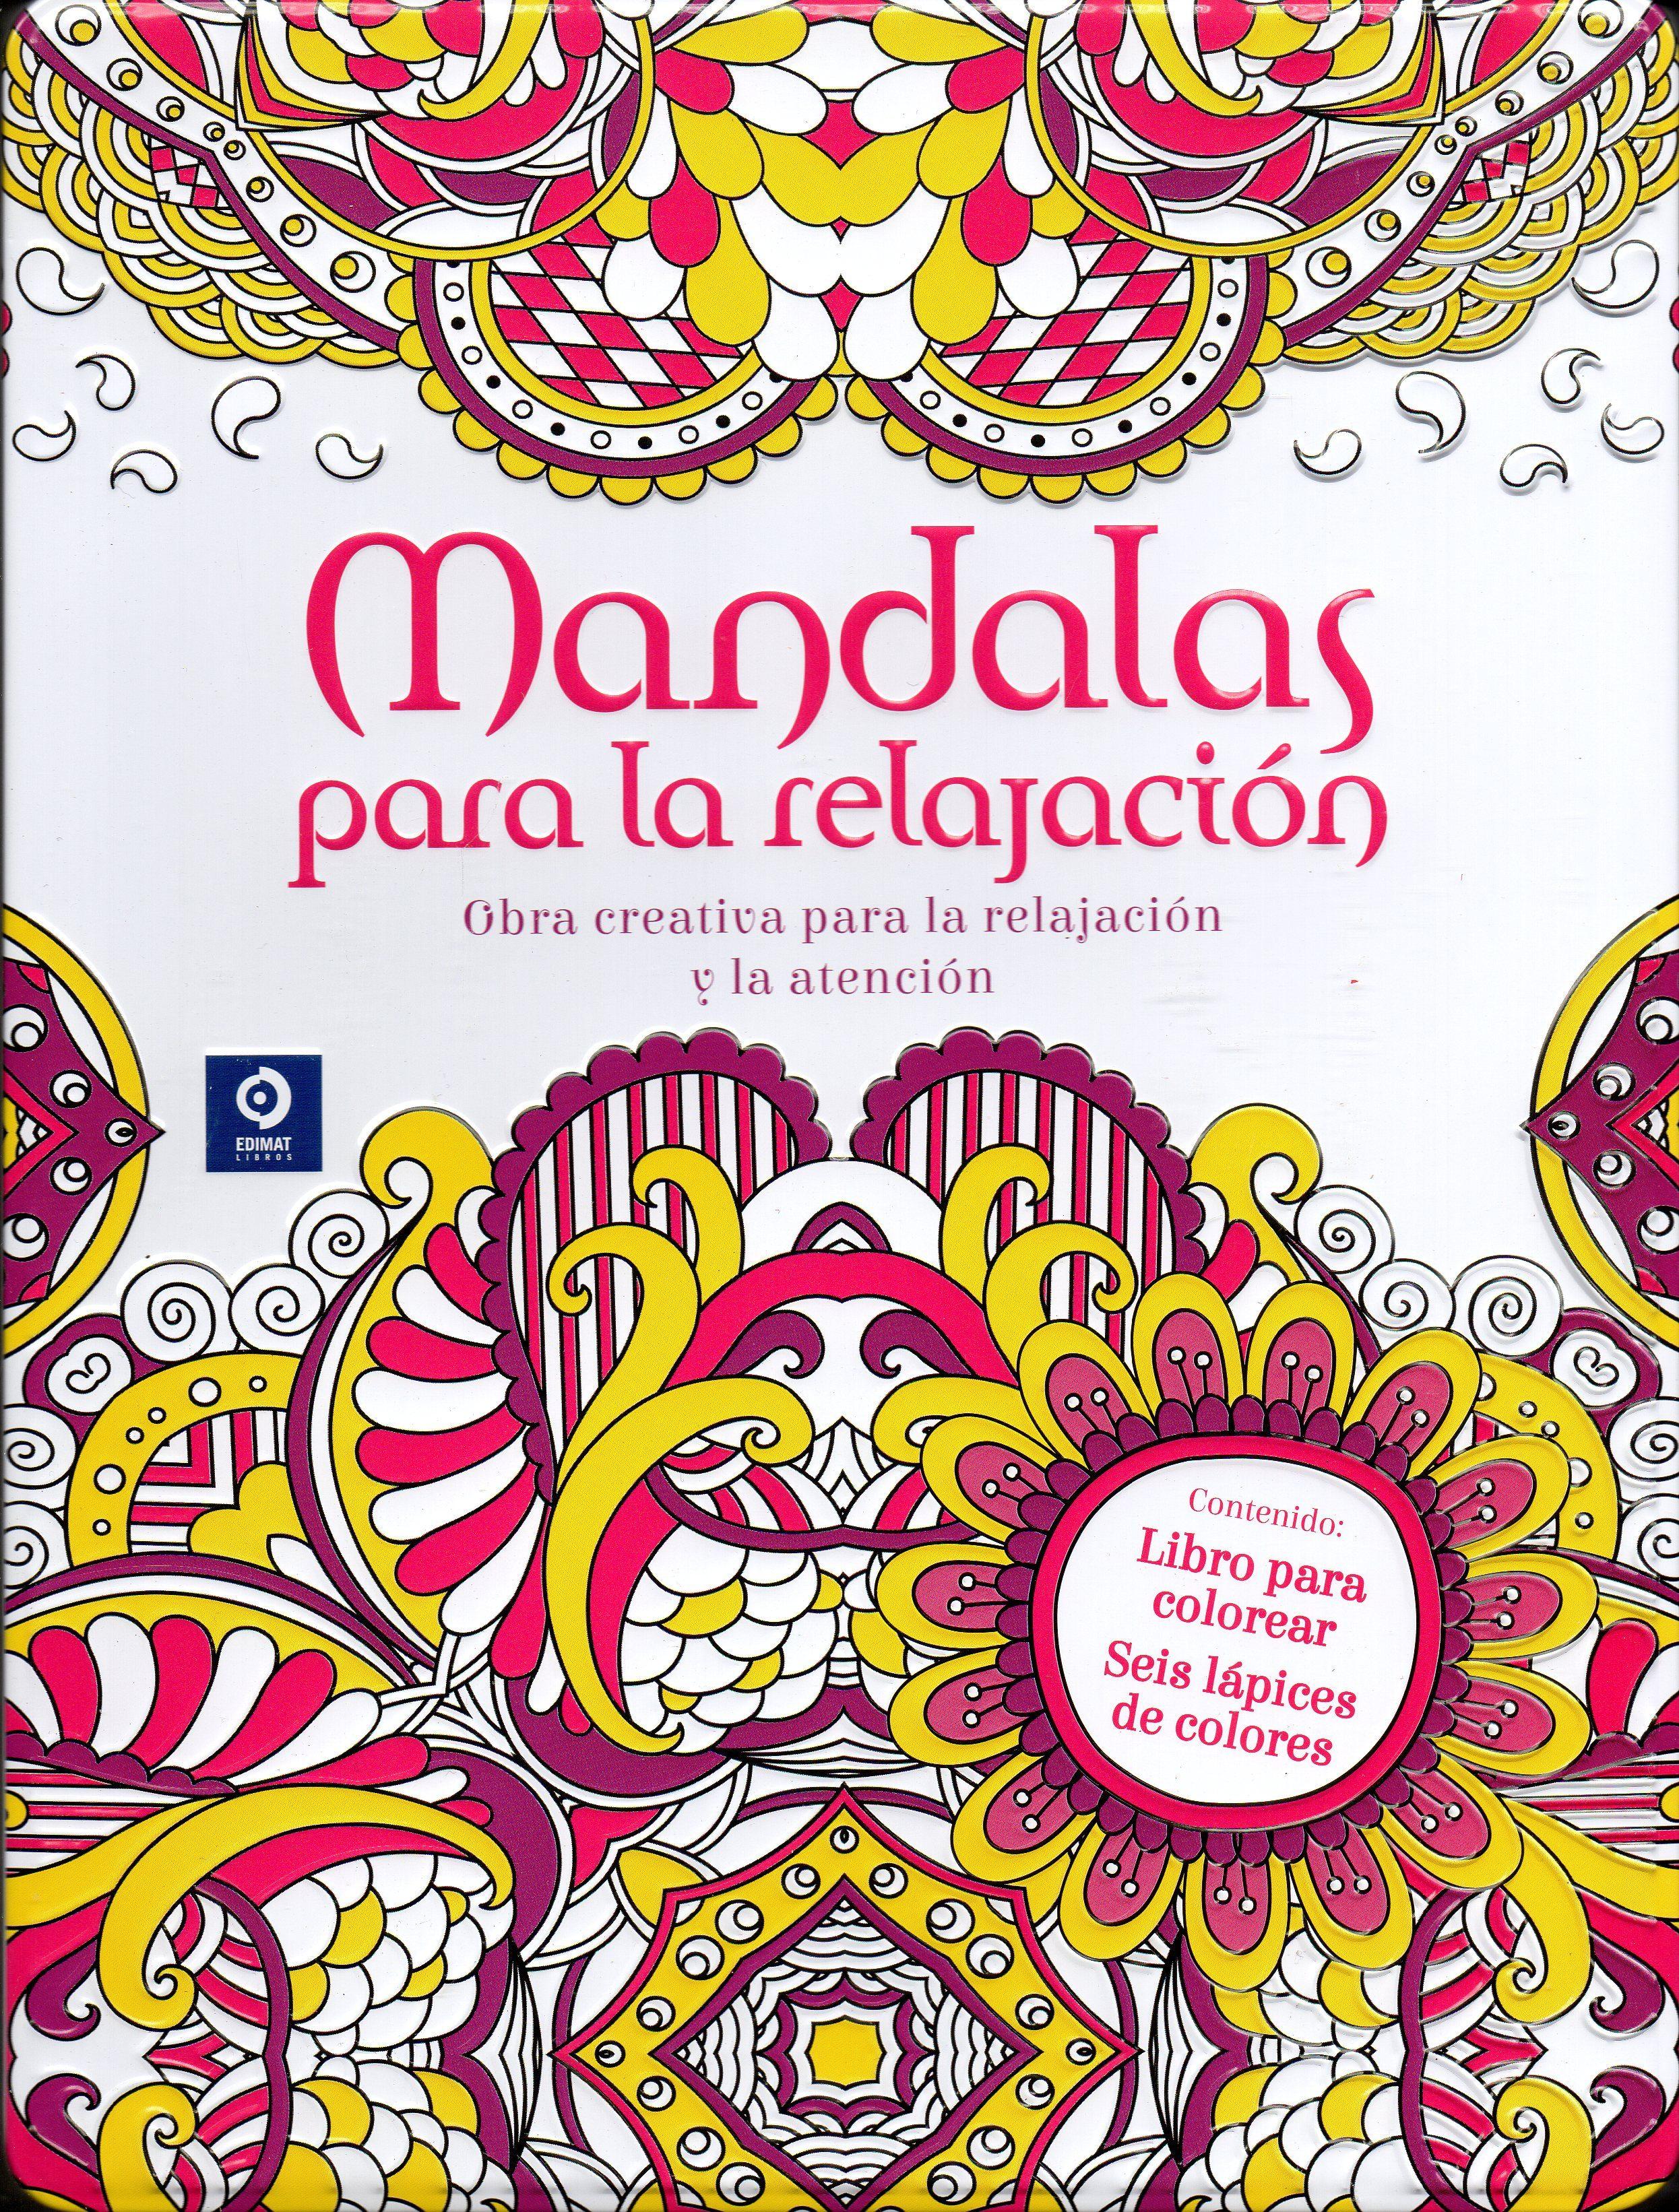 Descargar Pdf Mandalas Para La Relajación Caja Metálica